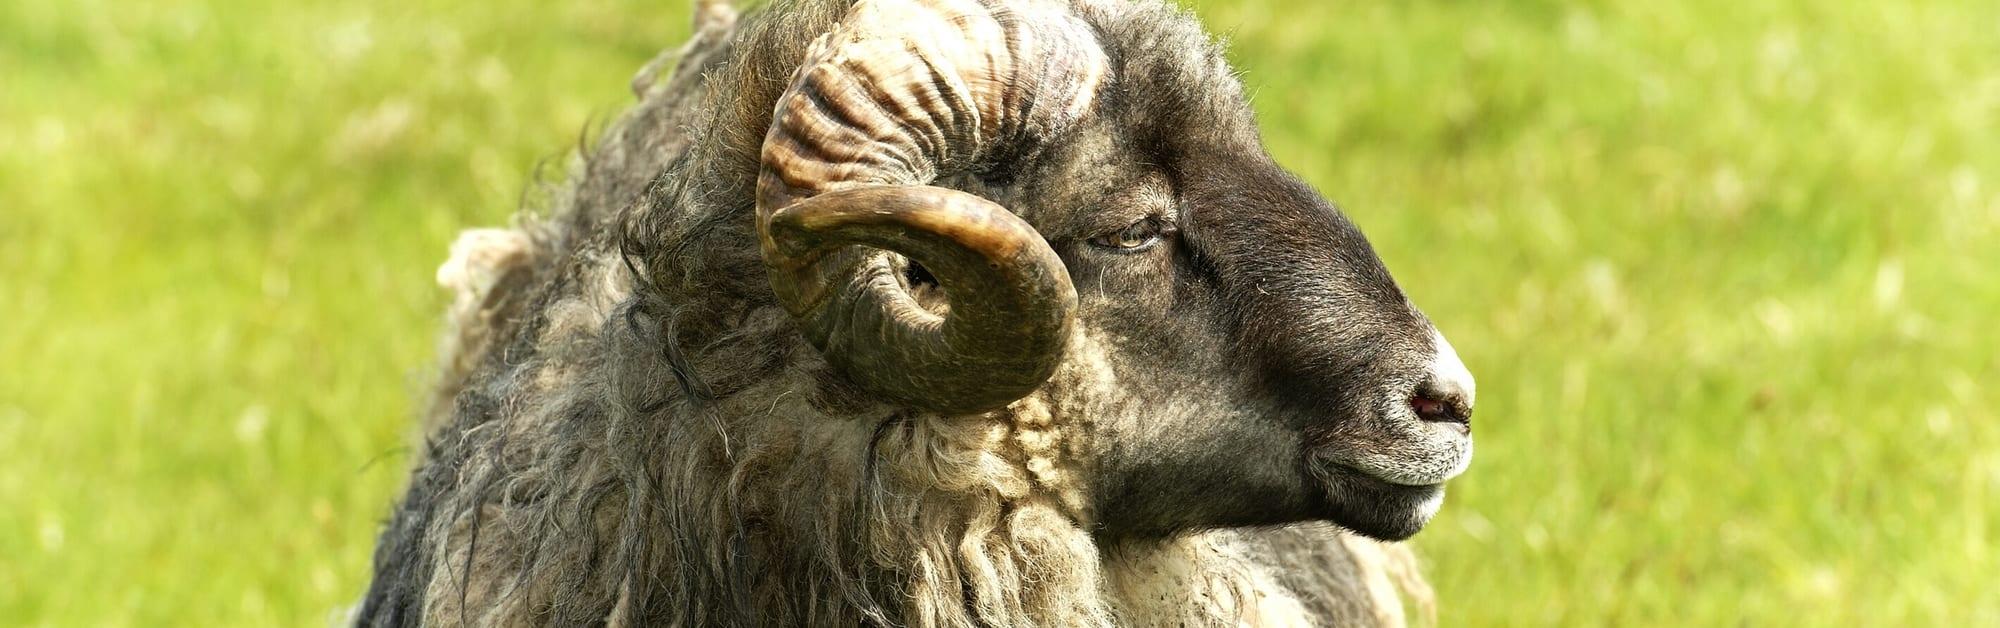 volwassen-ram-van-het-Merino-schapenras-d'Arles-Antique-de-leverancier-van-het-merinowol-deken